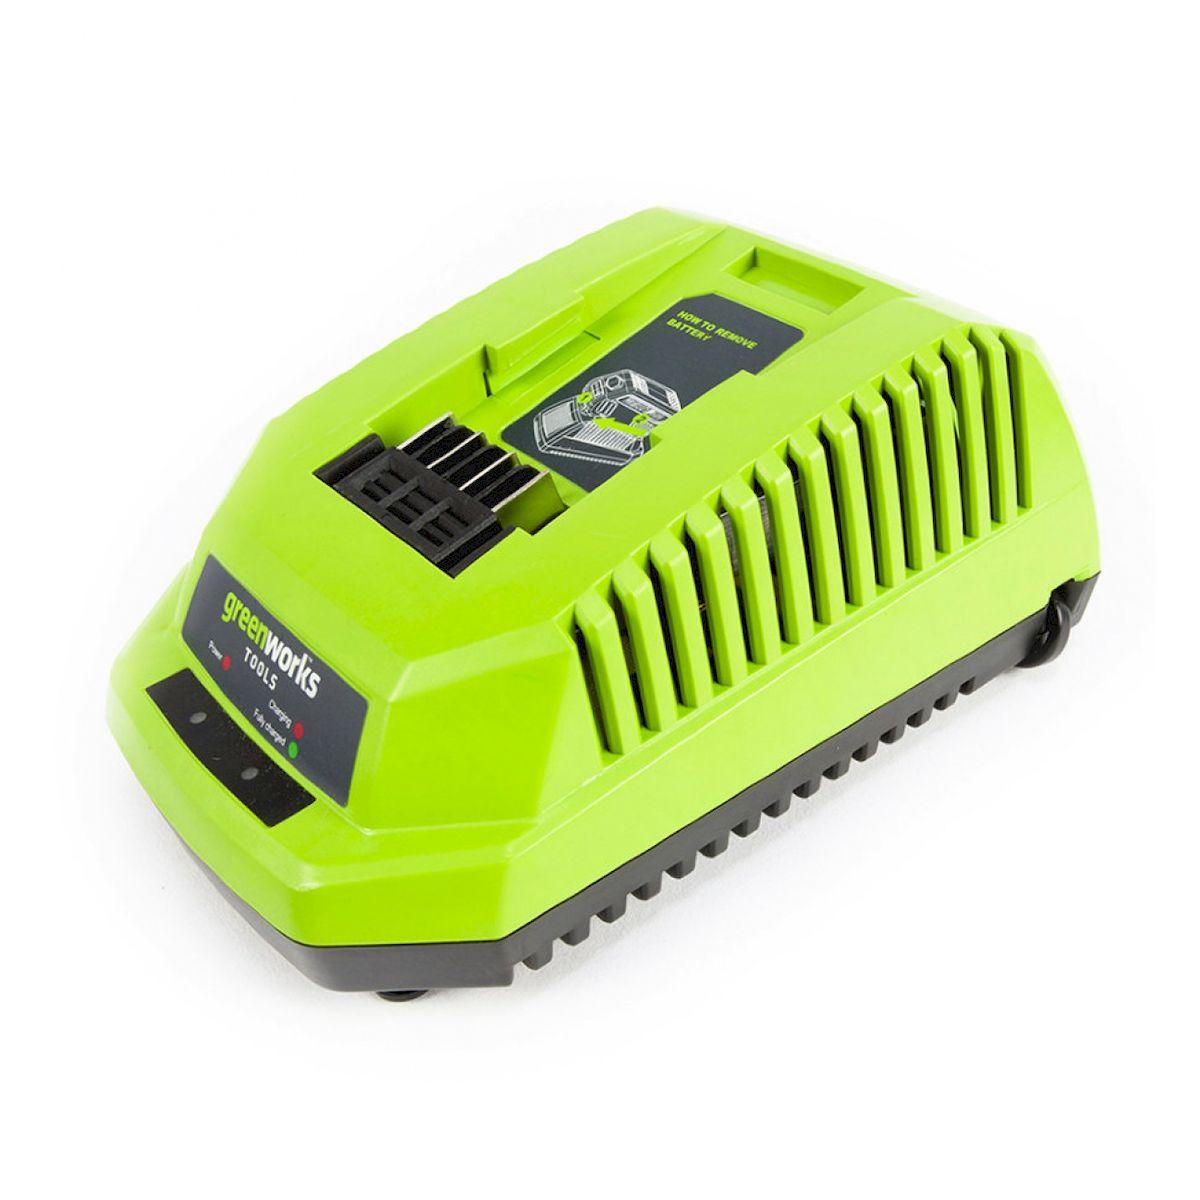 Зарядное устройство GreenWorks 40В29417Сверхмощная аккумуляторная система 40В G-MAX40 Питание 220 В Время зарядки аккумулятора 40В 2 А/ч 40 мин Время зарядки аккумулятора 40В 4 А/ч 80 мин